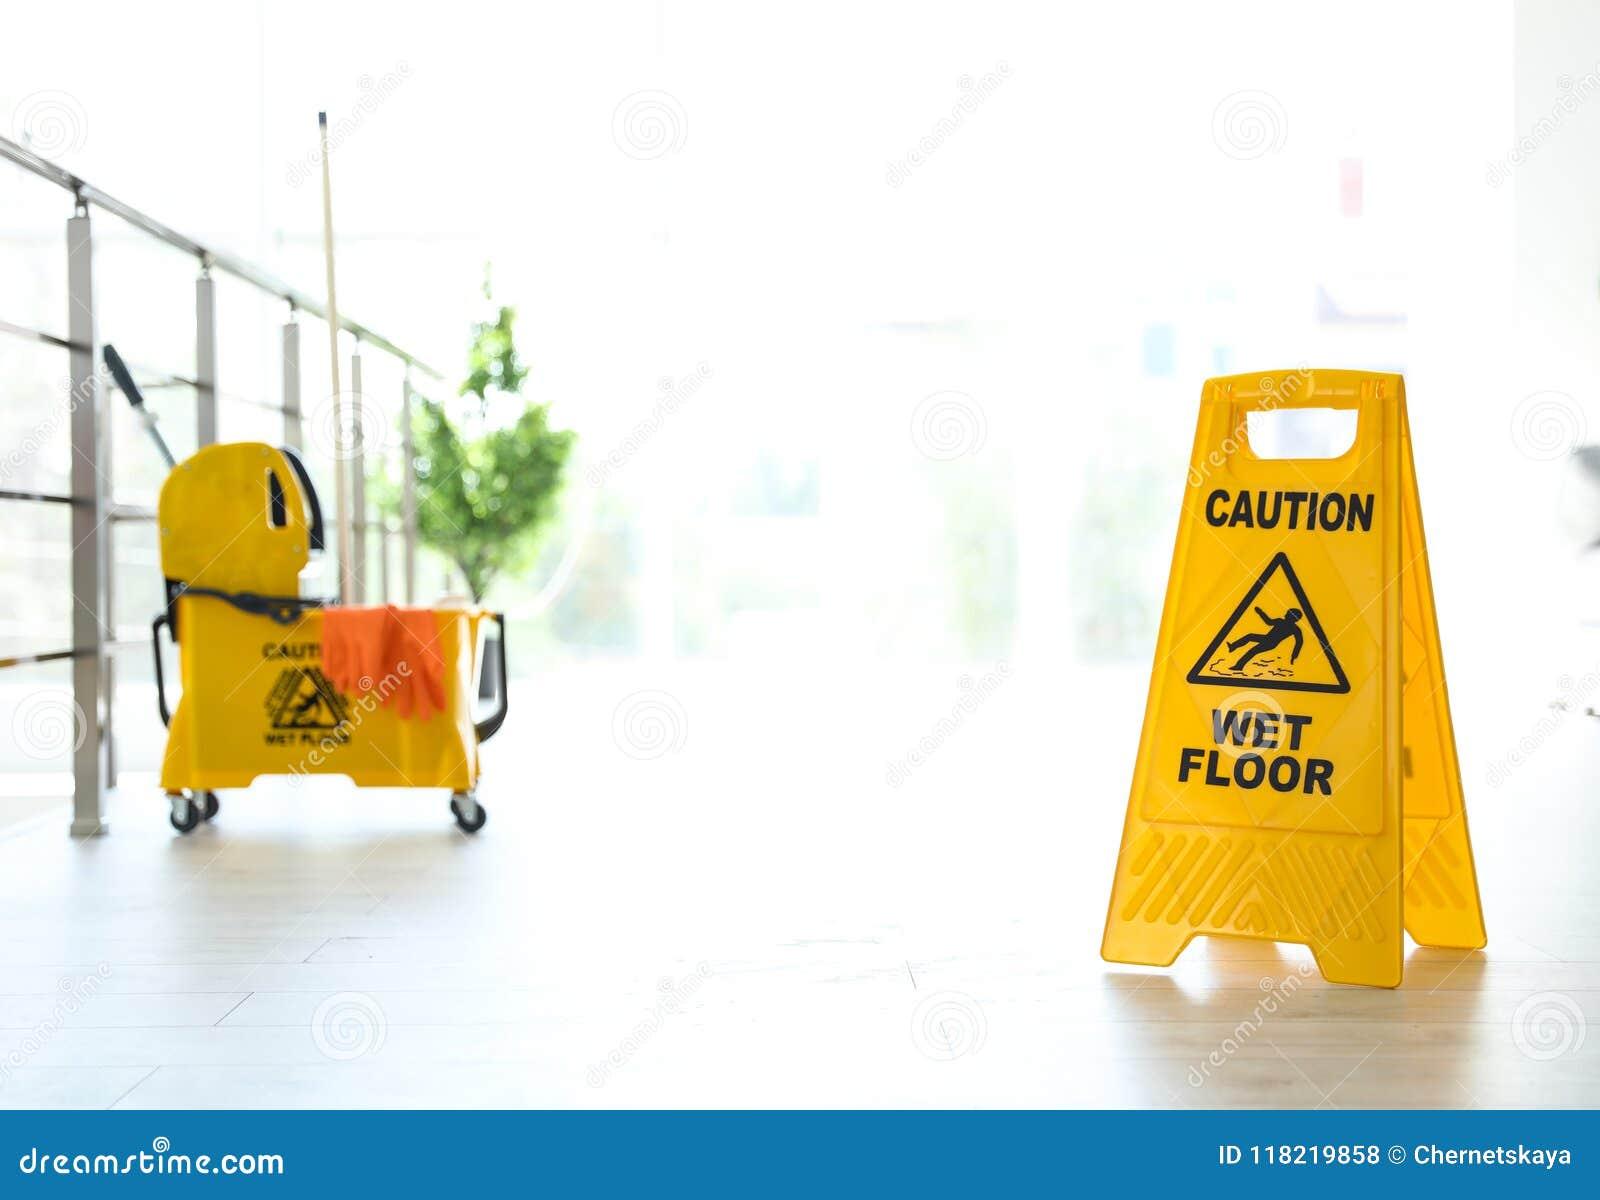 Ösregnar det VÅTA GOLVET för uttrycksVARNINGEN på säkerhetstecken och den gula golvmoppet med lokalvårdtillförsel, inomhus